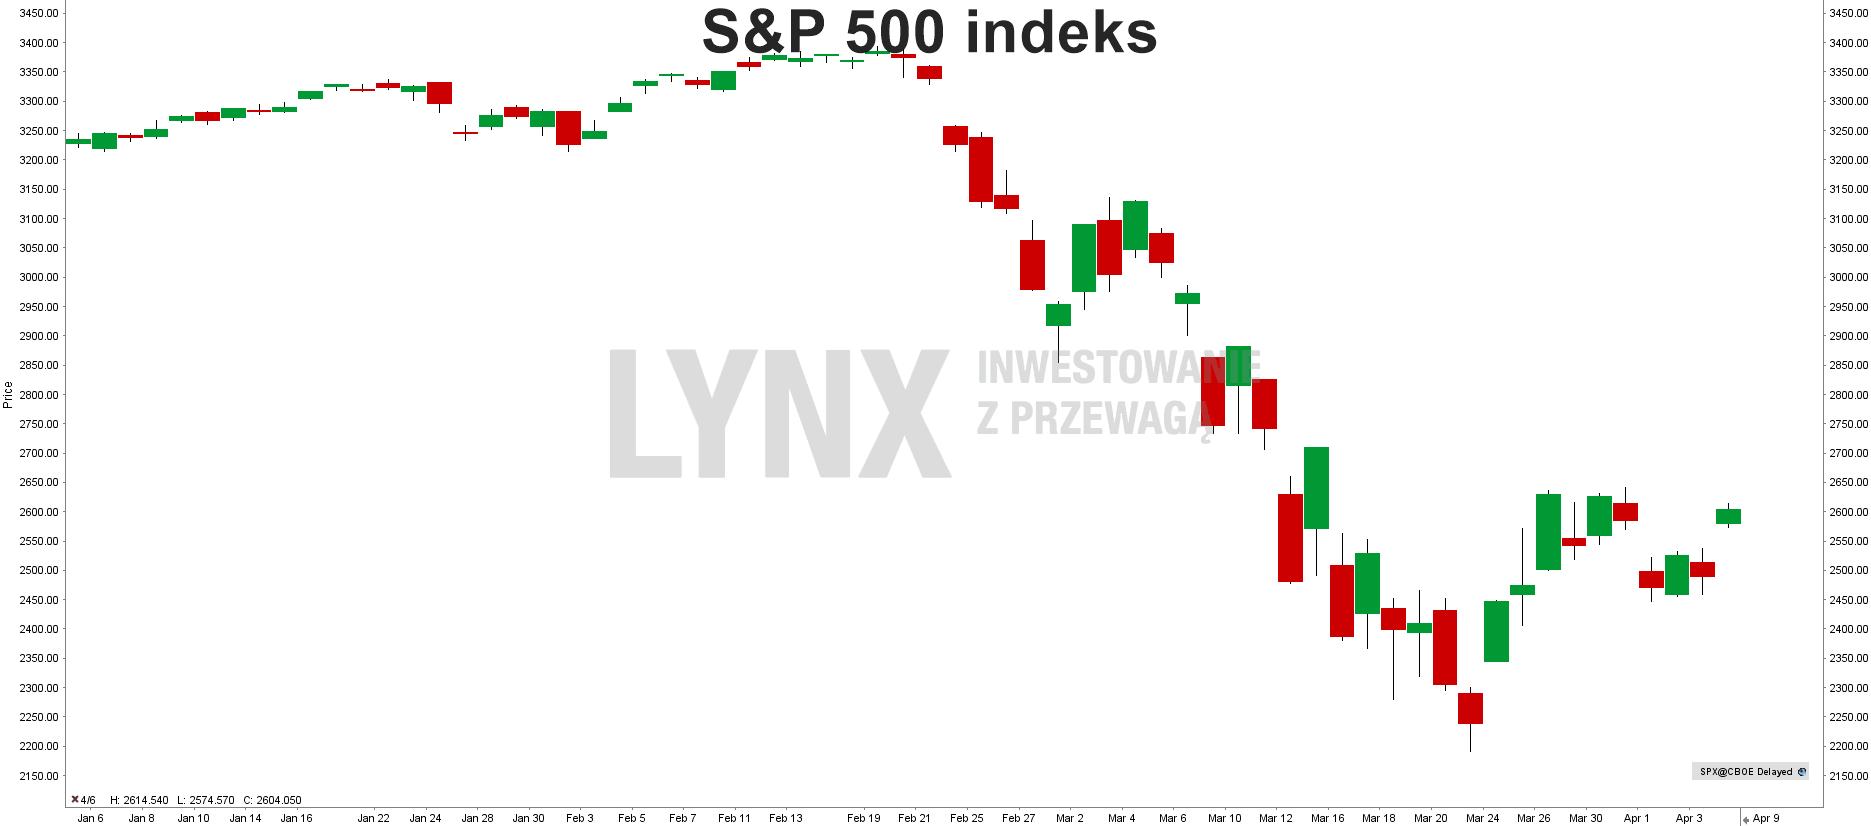 Wykres indeksu S&P 500